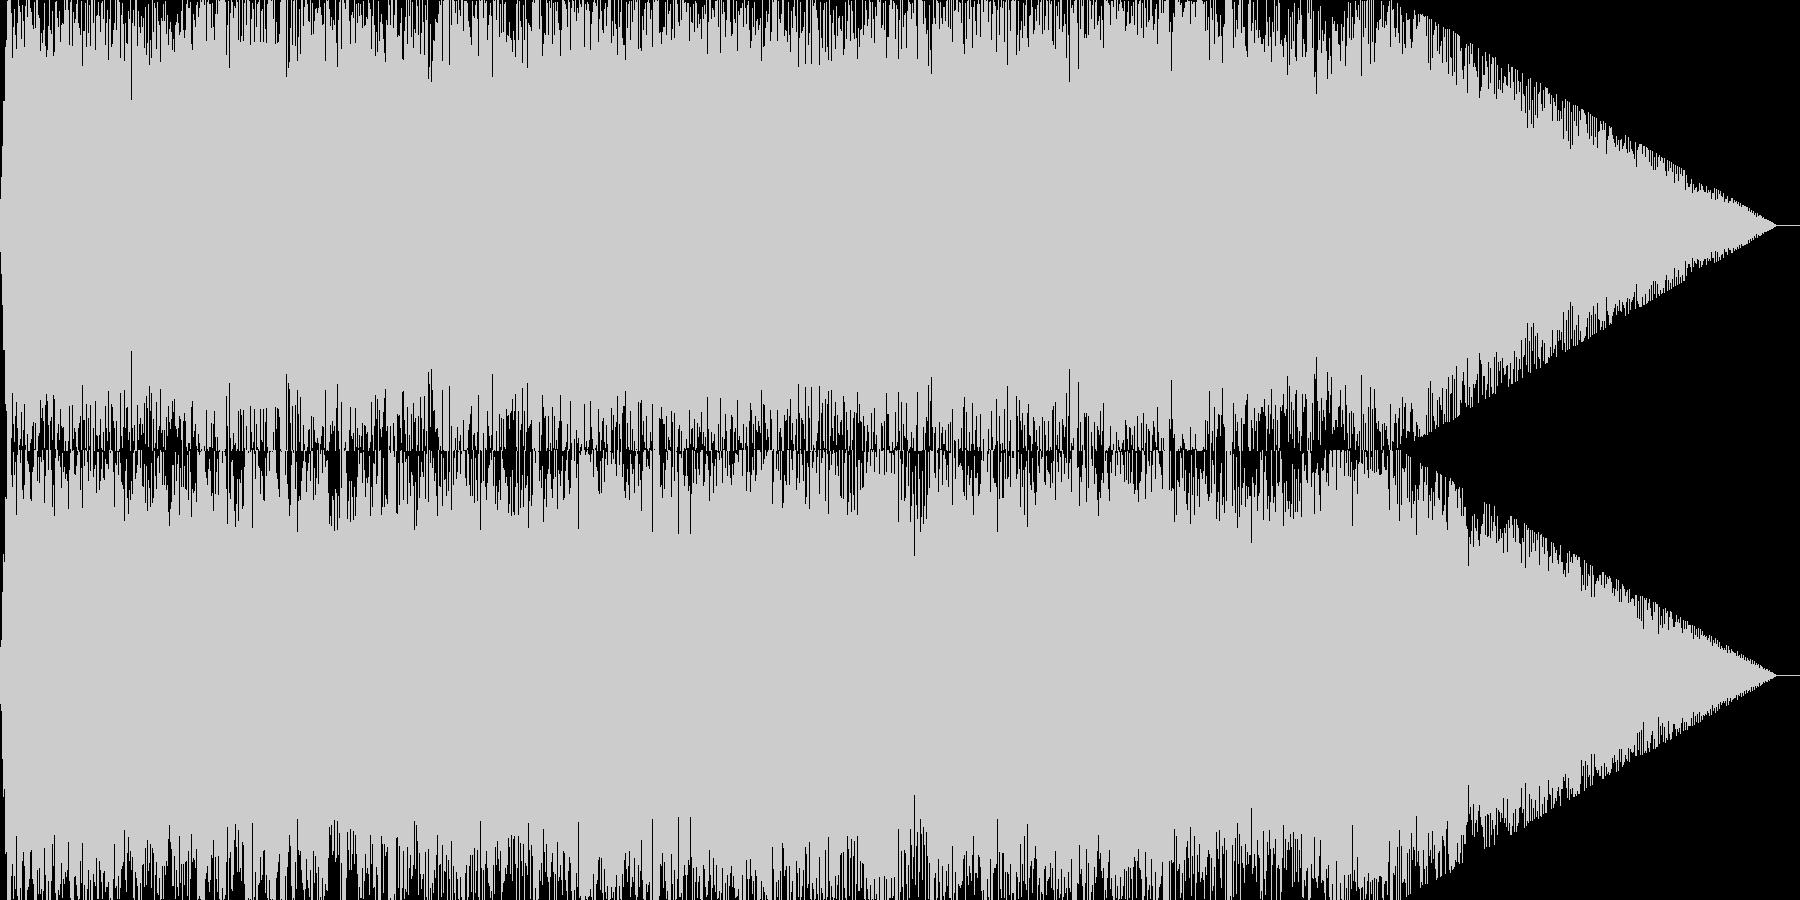 泣きのギターソロが炸裂するロックサウンドの未再生の波形